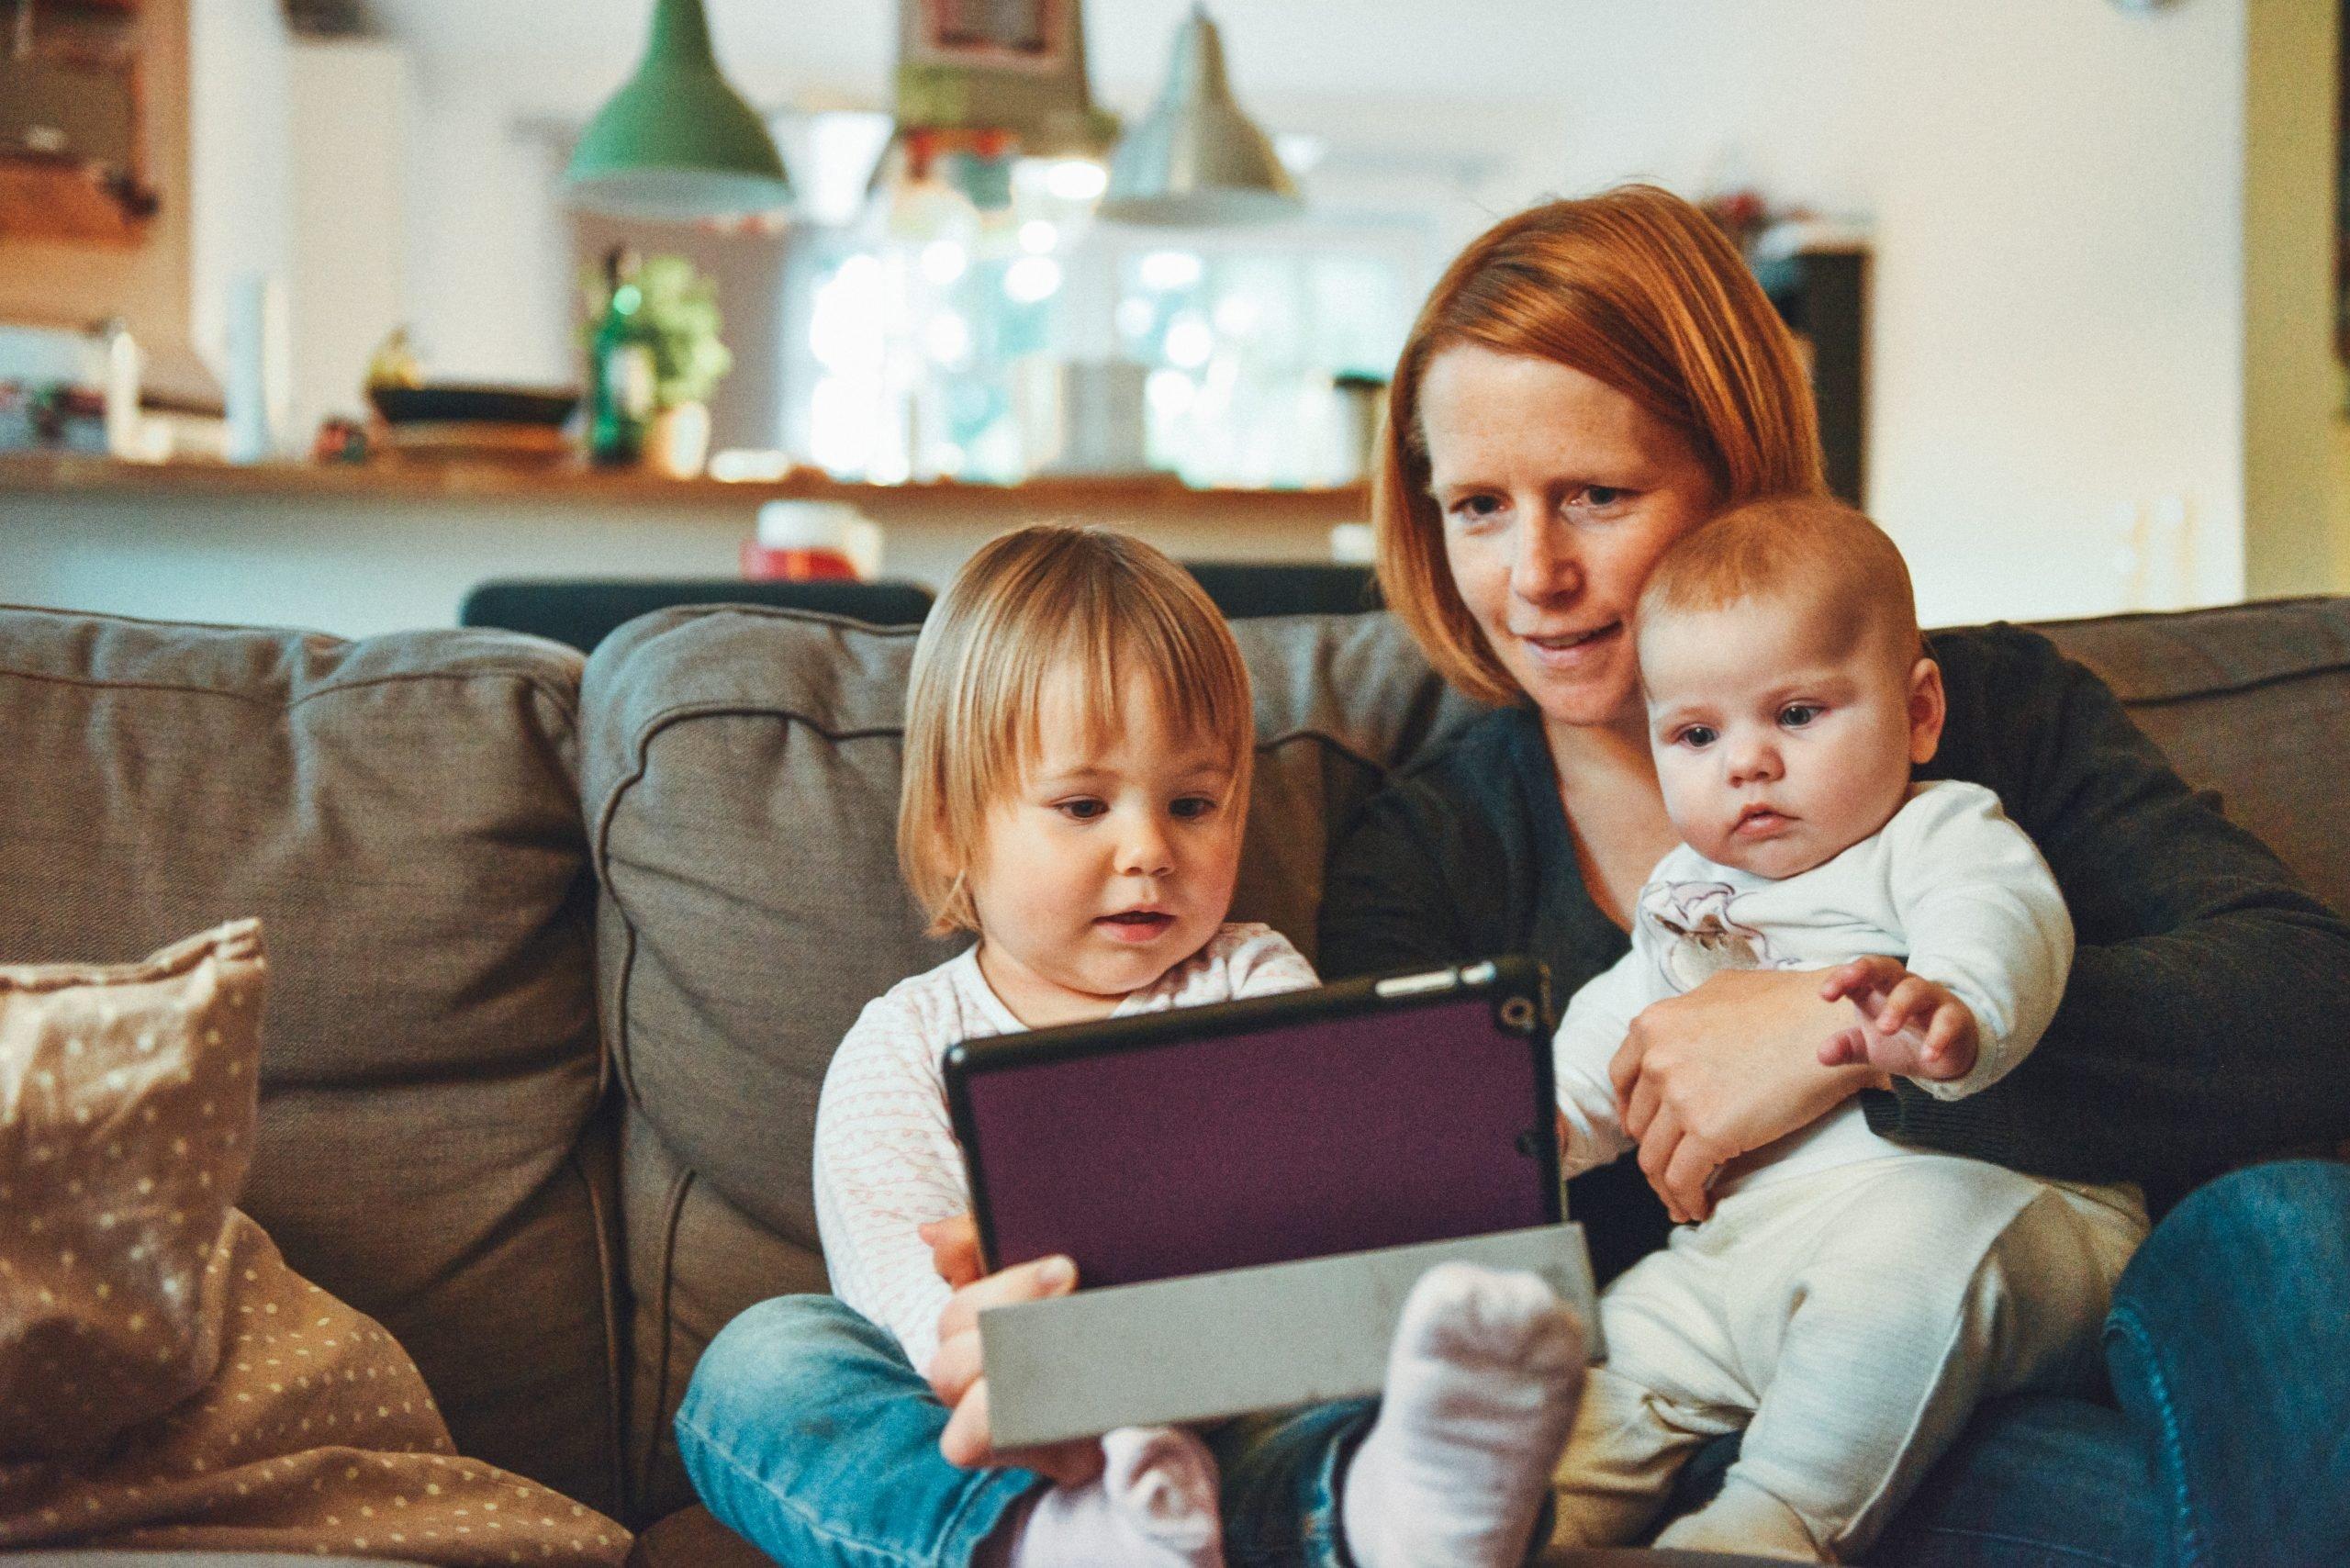 Du og din familie kan få en alarmløsning, der er nem at betjene for både voksne og børn.